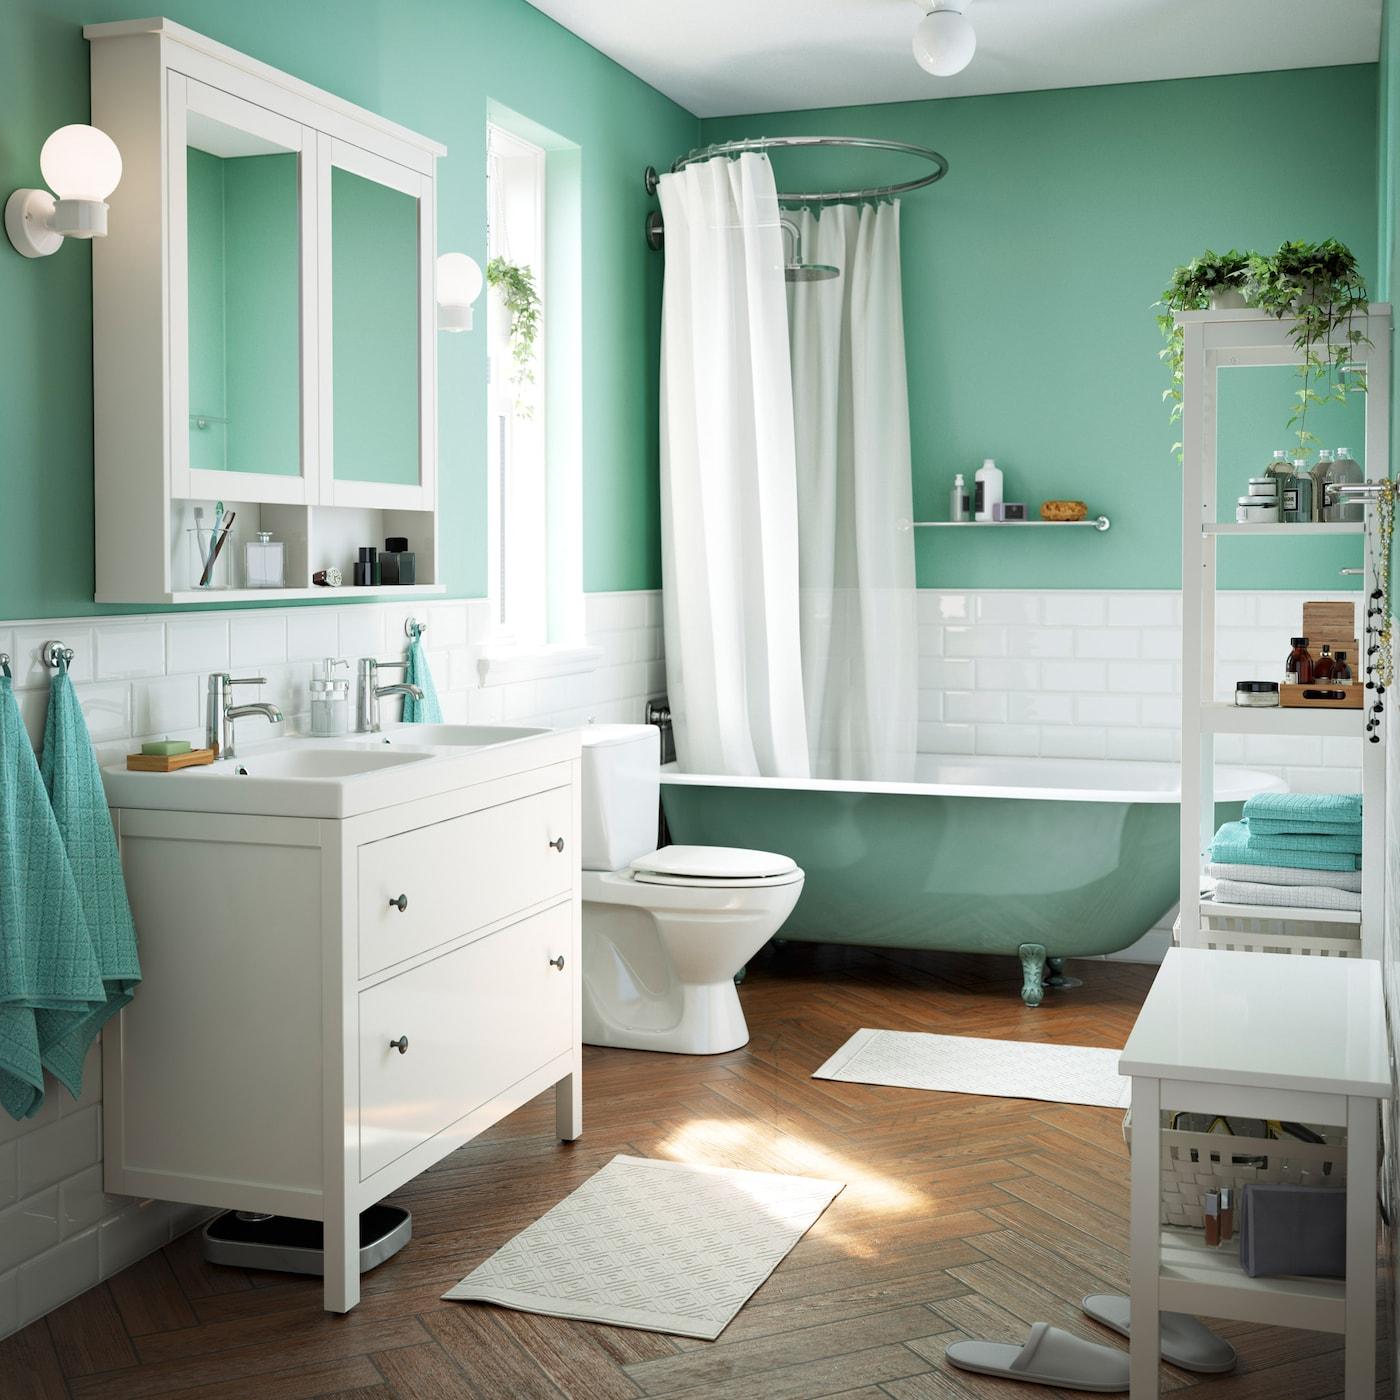 Vaaleanvihreä, mintunvihreä ja valkoinen kylpyhuone, jossa perinteinen kylpyamme ja kaksi pesuallasta. Tassukylpyamme on viehättävän vanhanaikainen.